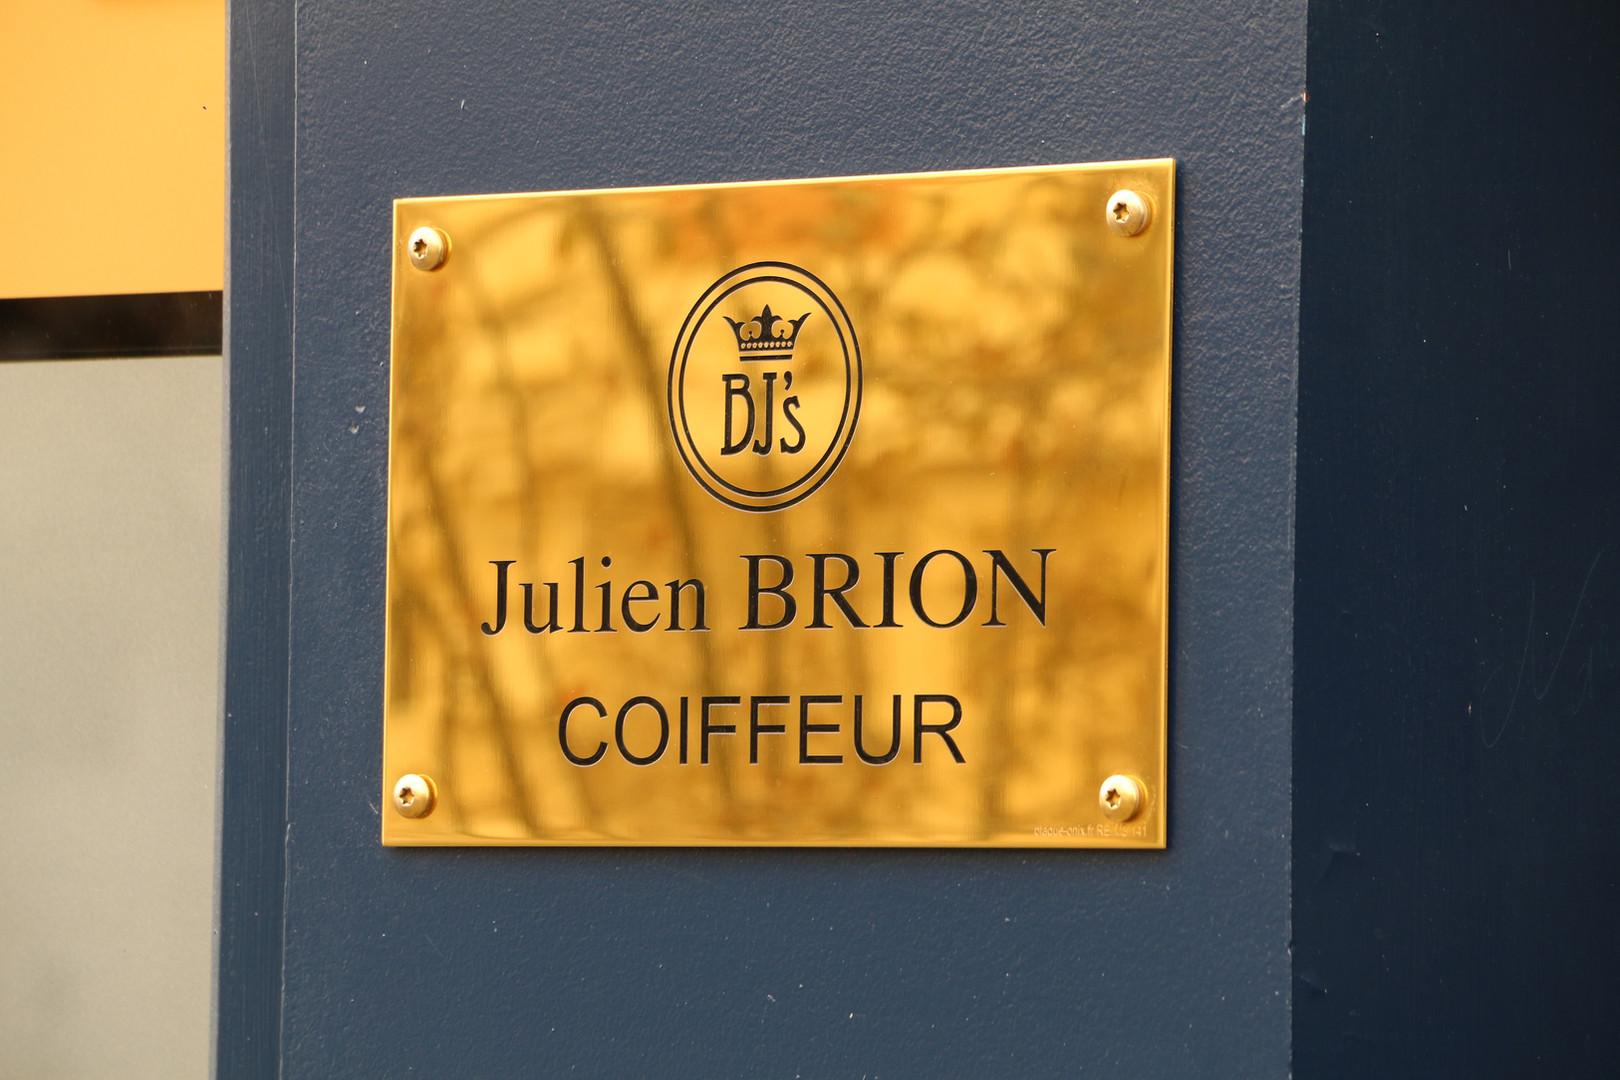 Coiffeur Julien Brion